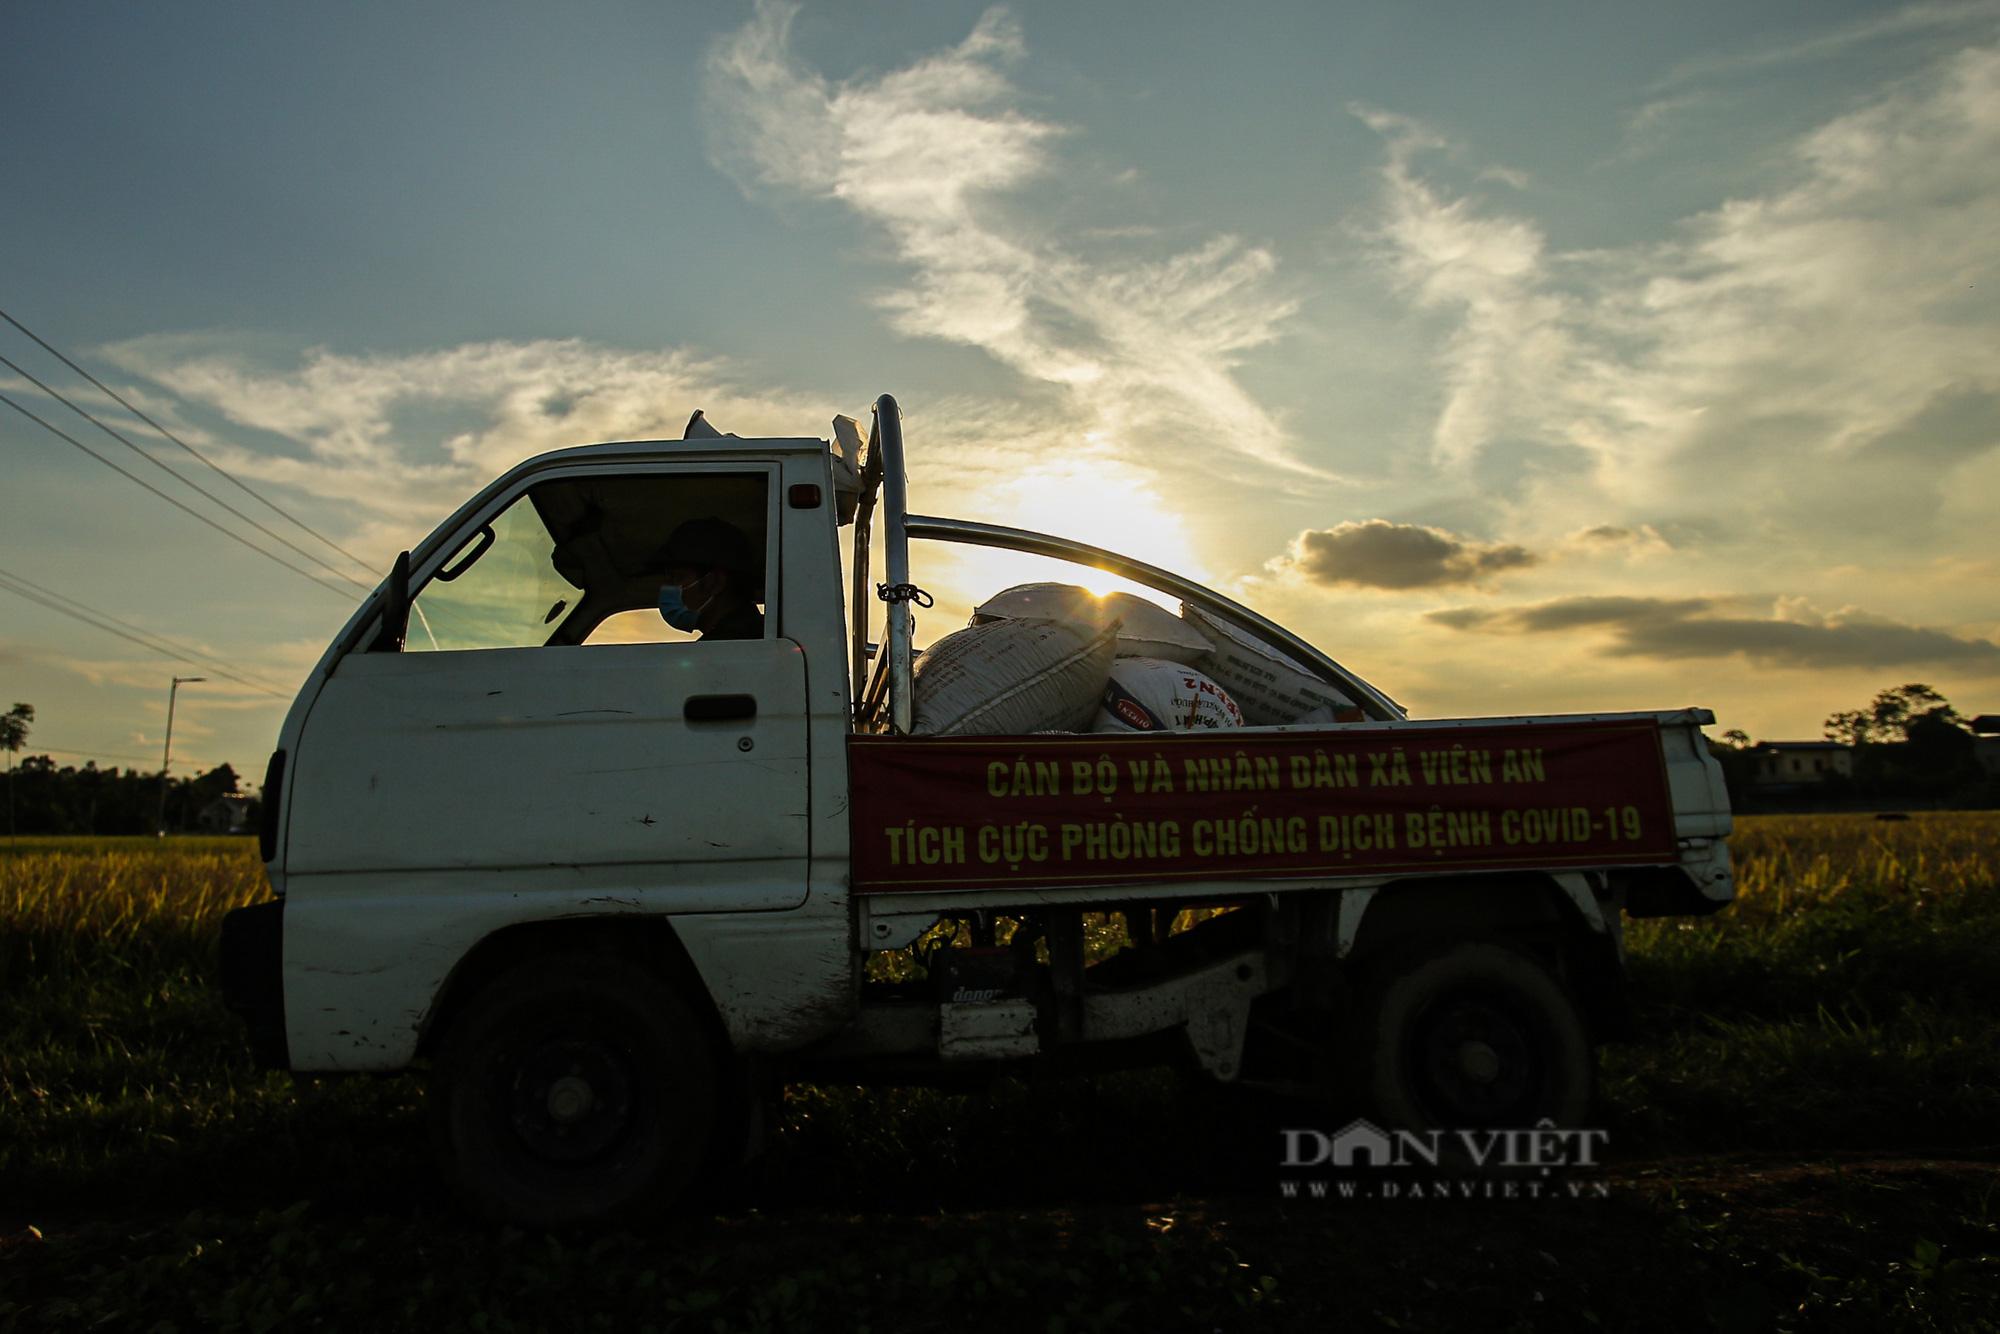 Hình ảnh chiến sĩ công an lội ruộng, ăn cơm vội để thu hoạch lúa giúp 141 hộ ở vùng cách ly y tế - Ảnh 10.